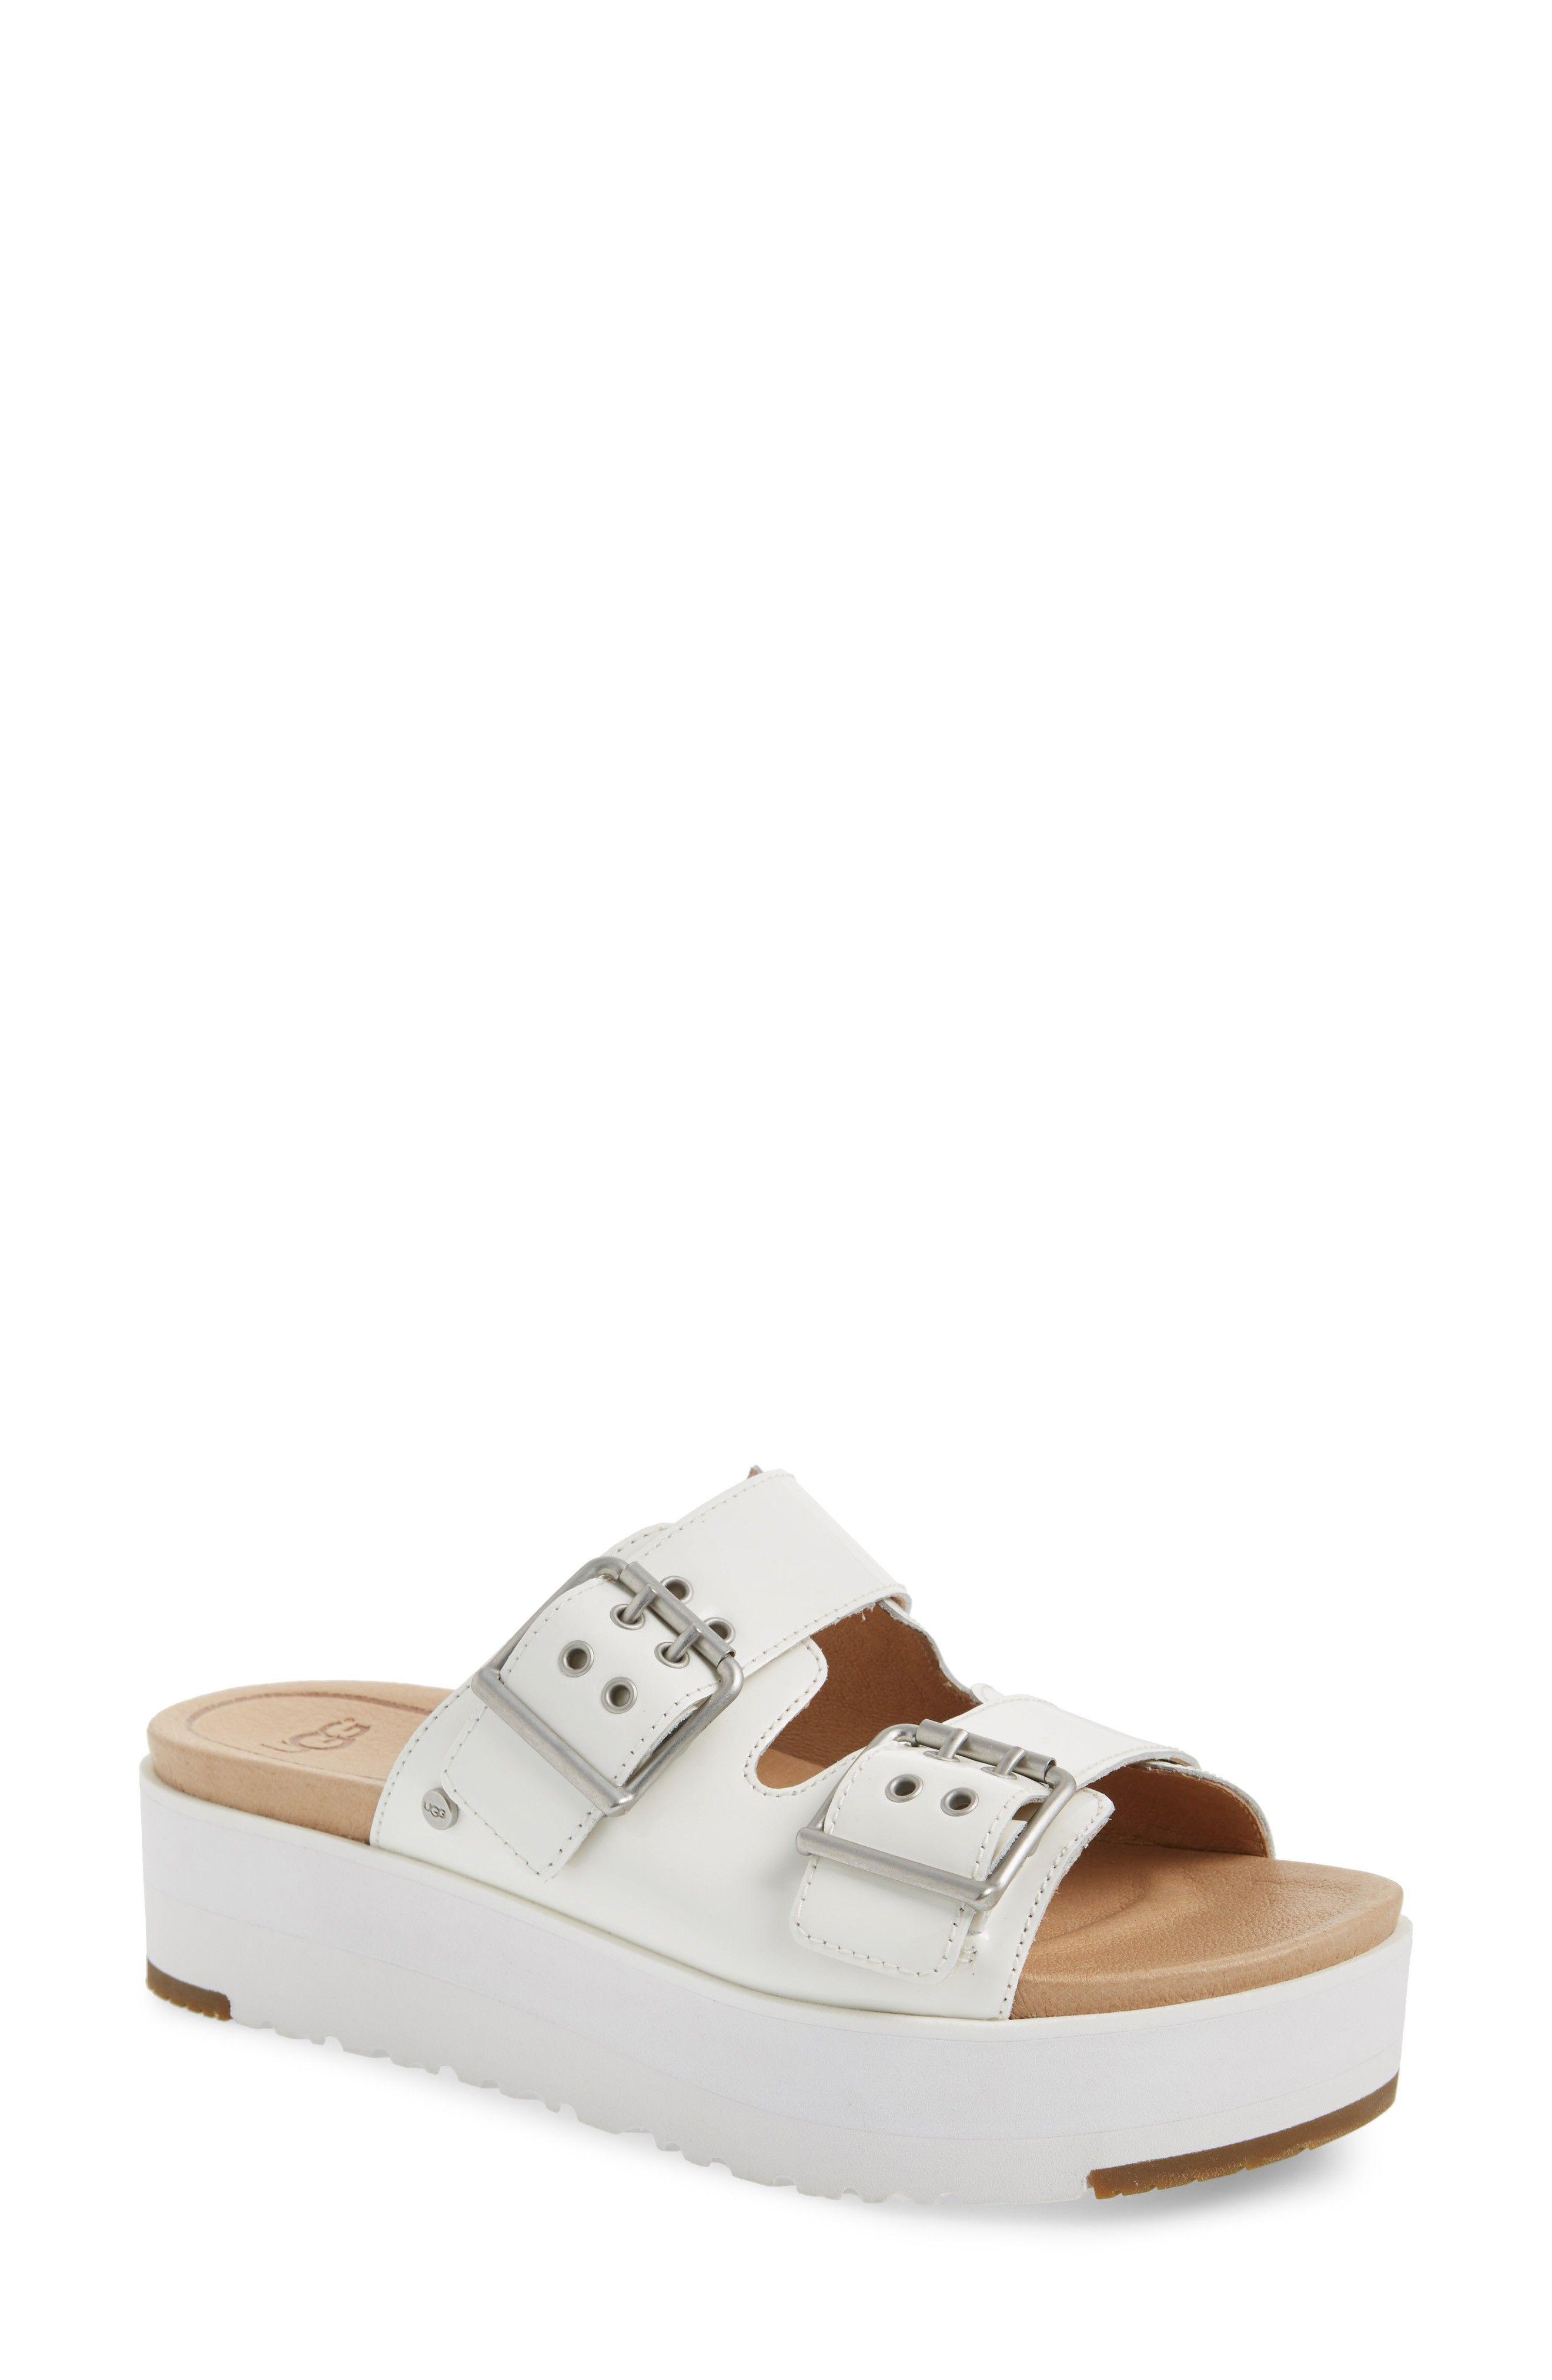 e09129d3e8b UGG | Cammie Platform Slide Sandal #Shoes #Sandals #Slides #UGG ...